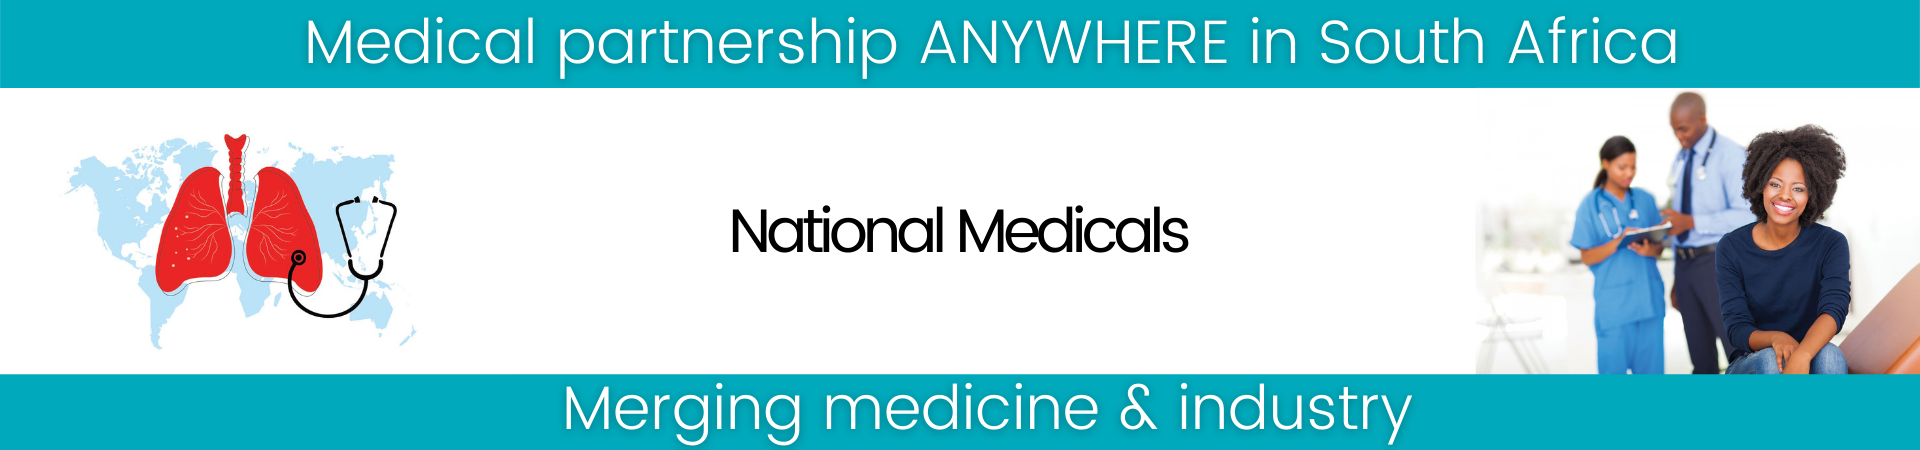 National medicals